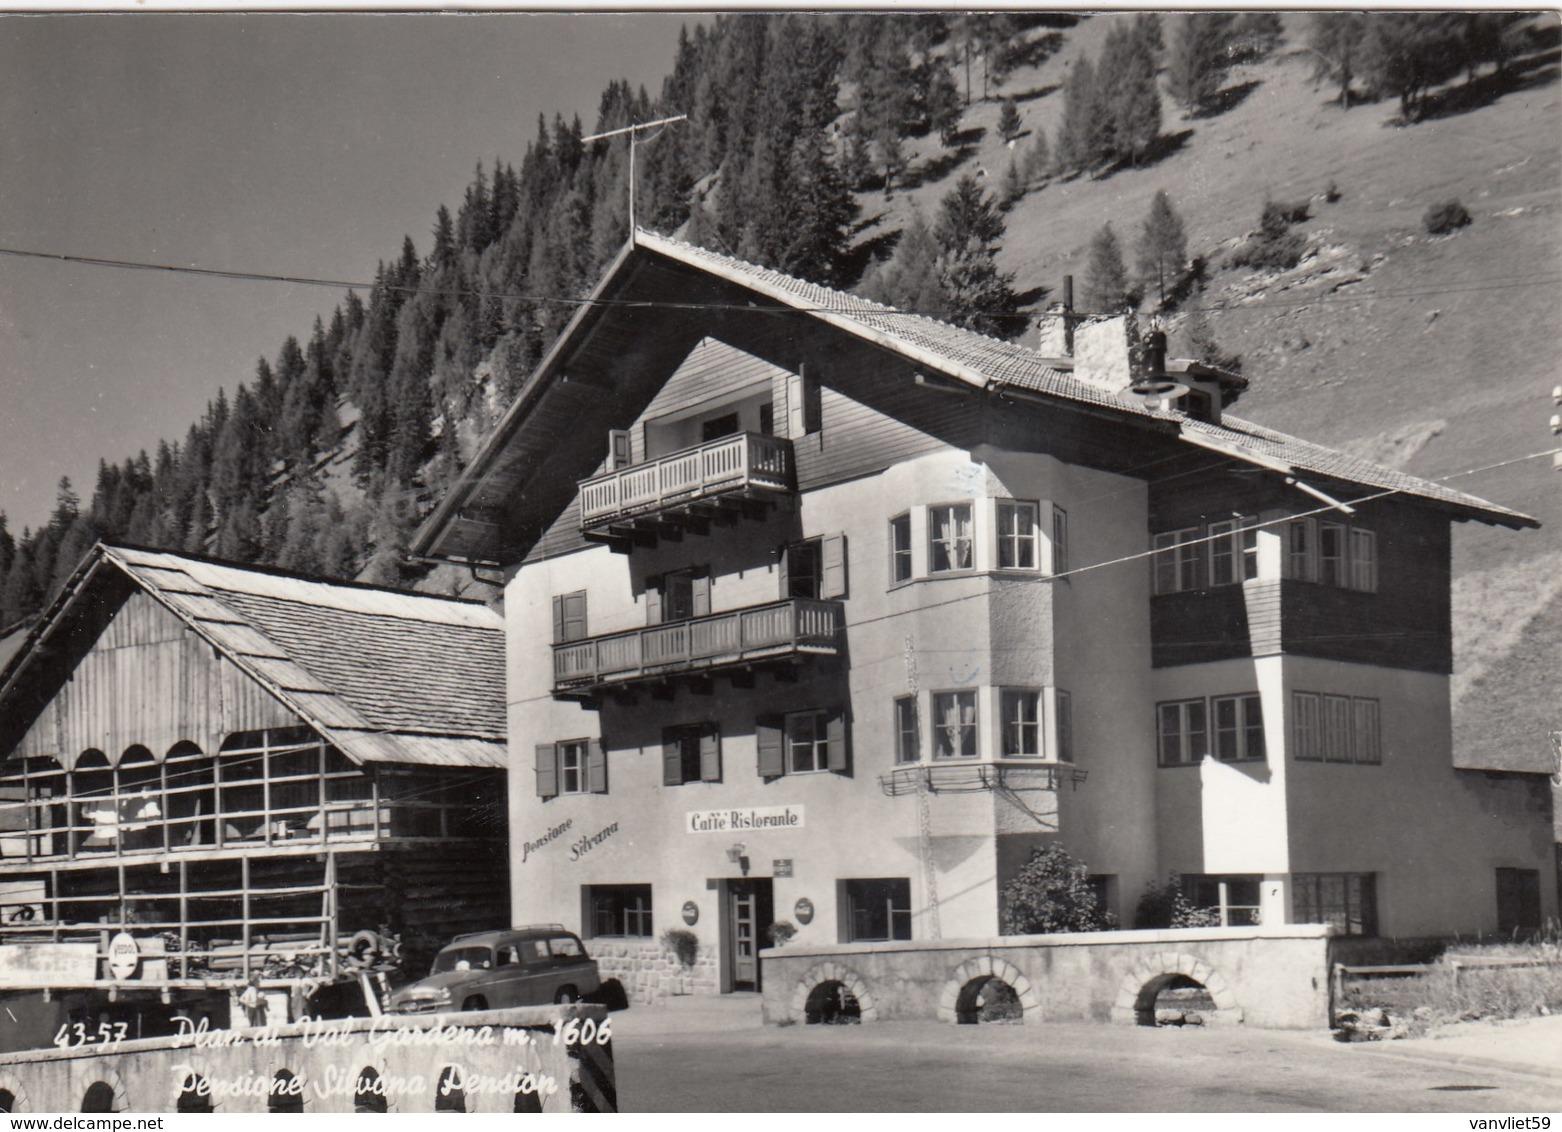 PLAN DI VAL GARDENA-BOZEN-BOLZANO-PENSIONE=SILVANA=-CARTOLINA VERA FOTOGRAFIA- VIAGGIATA IL 28-1-1963 - Bolzano (Bozen)